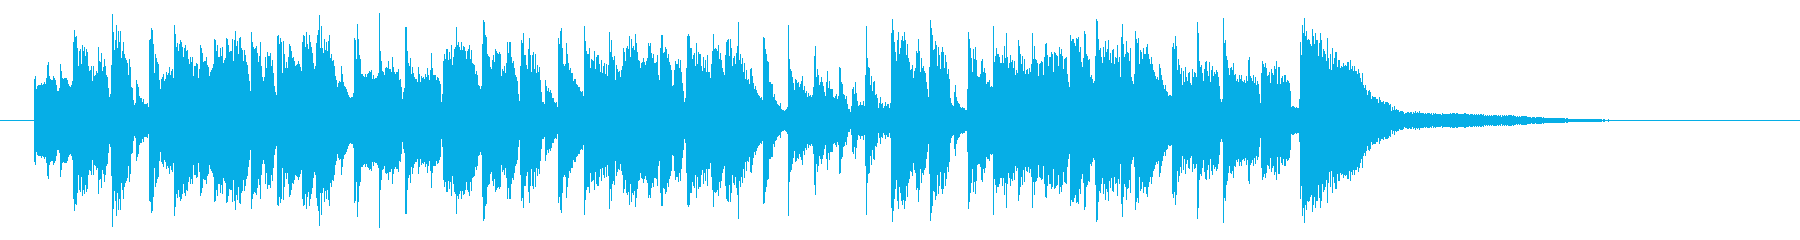 躍動感ある可憐なピアノポップジングルの再生済みの波形